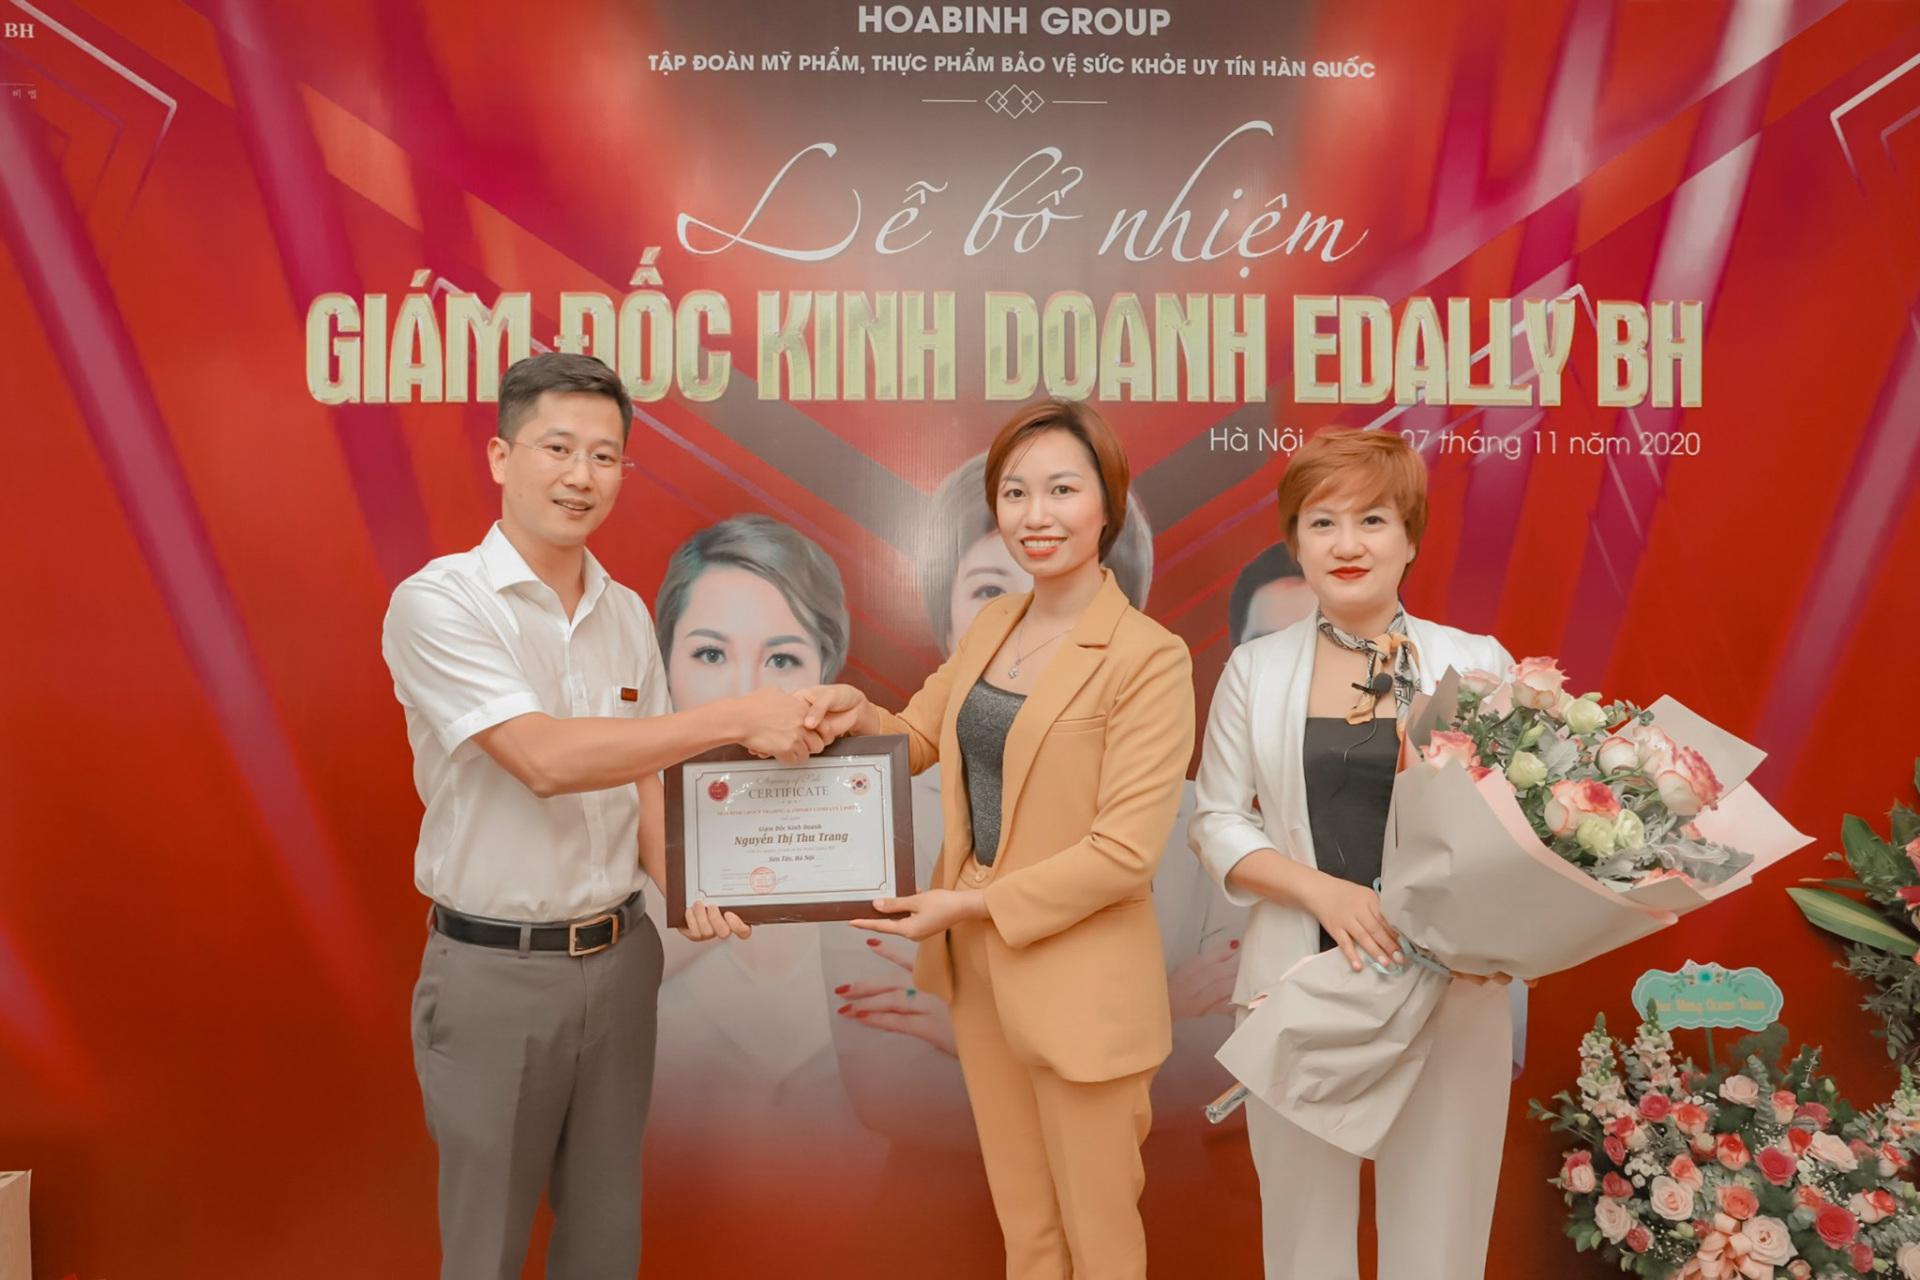 Lễ bổ nhiệm Giám đốc kinh doanh Edally BH dành cho chị Nguyễn Thu Trang